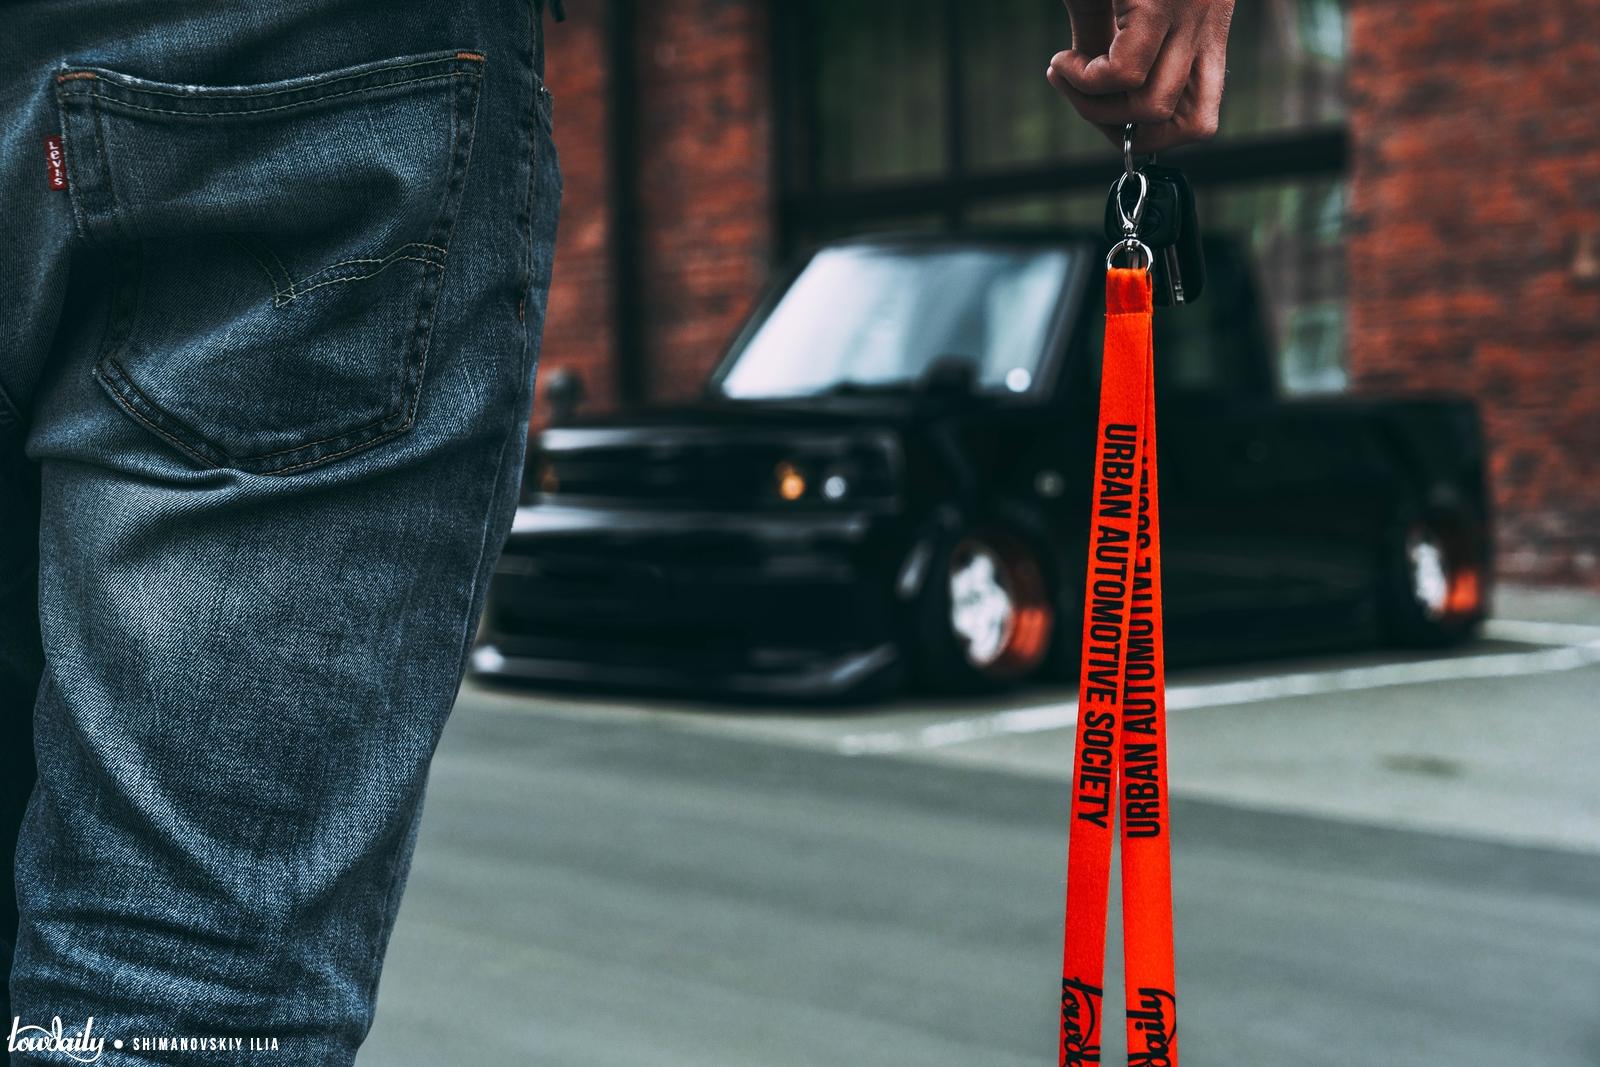 Scion XB Pickup Lowdaily DSC01629